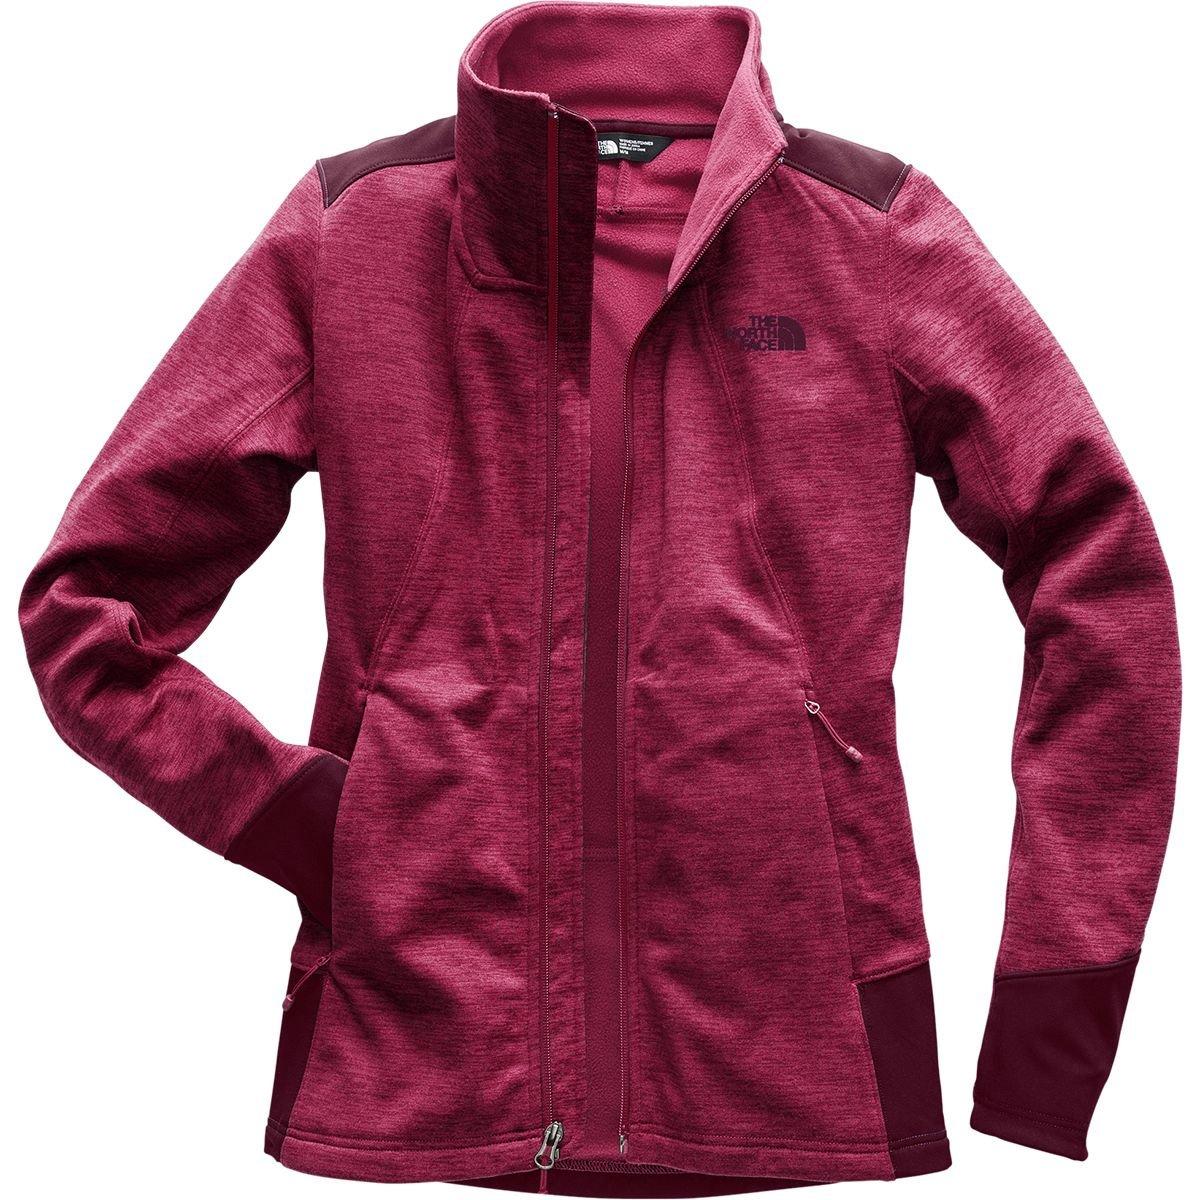 (ザノースフェイス) The North Face Shastina Stretch Full-Zip Jacket レディース ジャケットRumba Red Heather/Fig [並行輸入品]   B07F9VWGHD